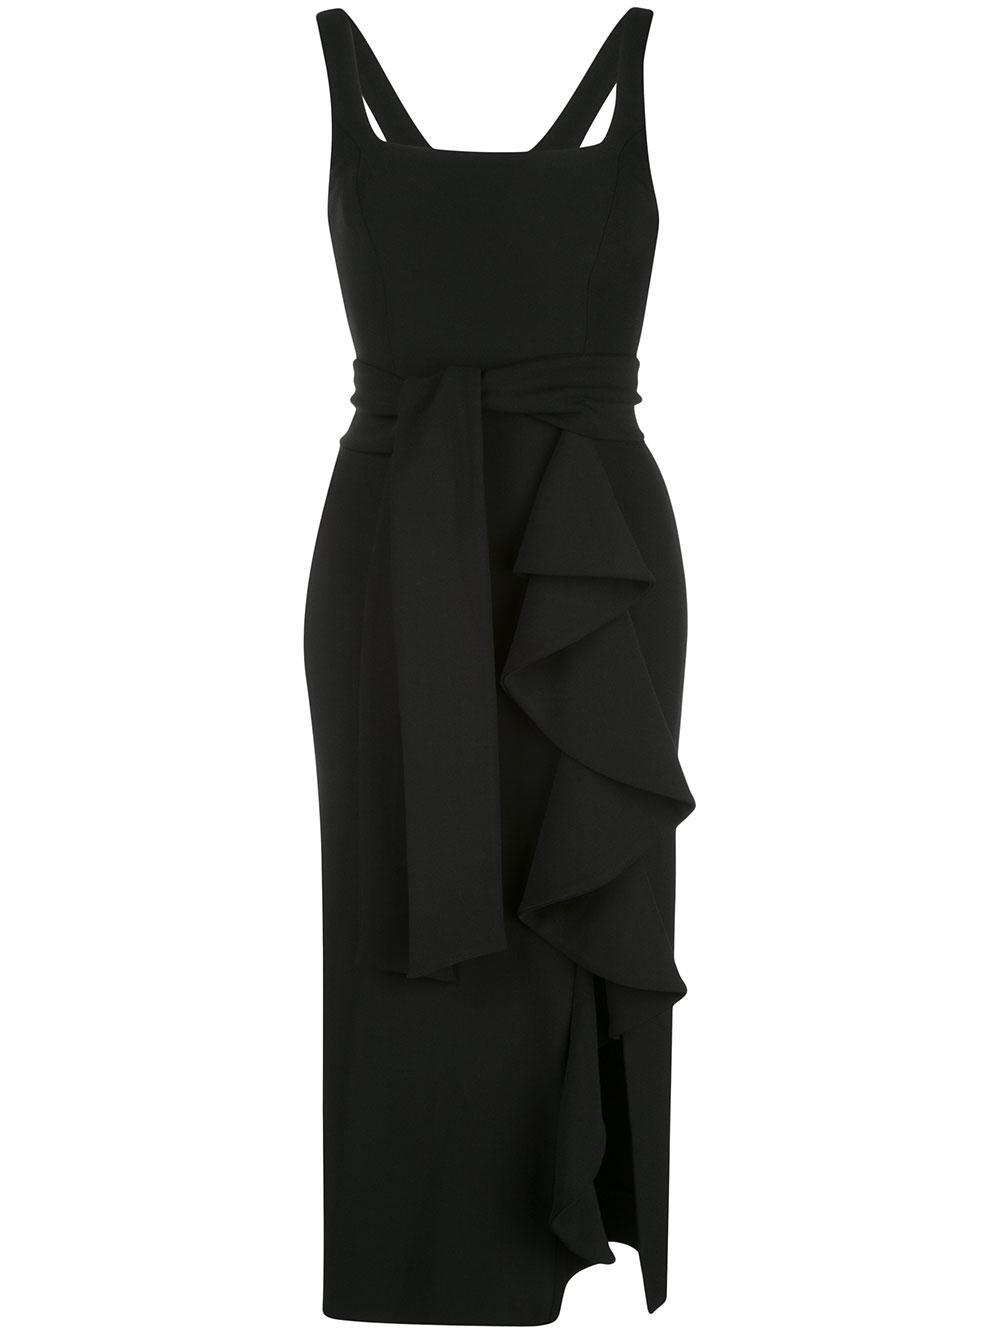 Georgie Frill Midi Dress Item # SJ4514